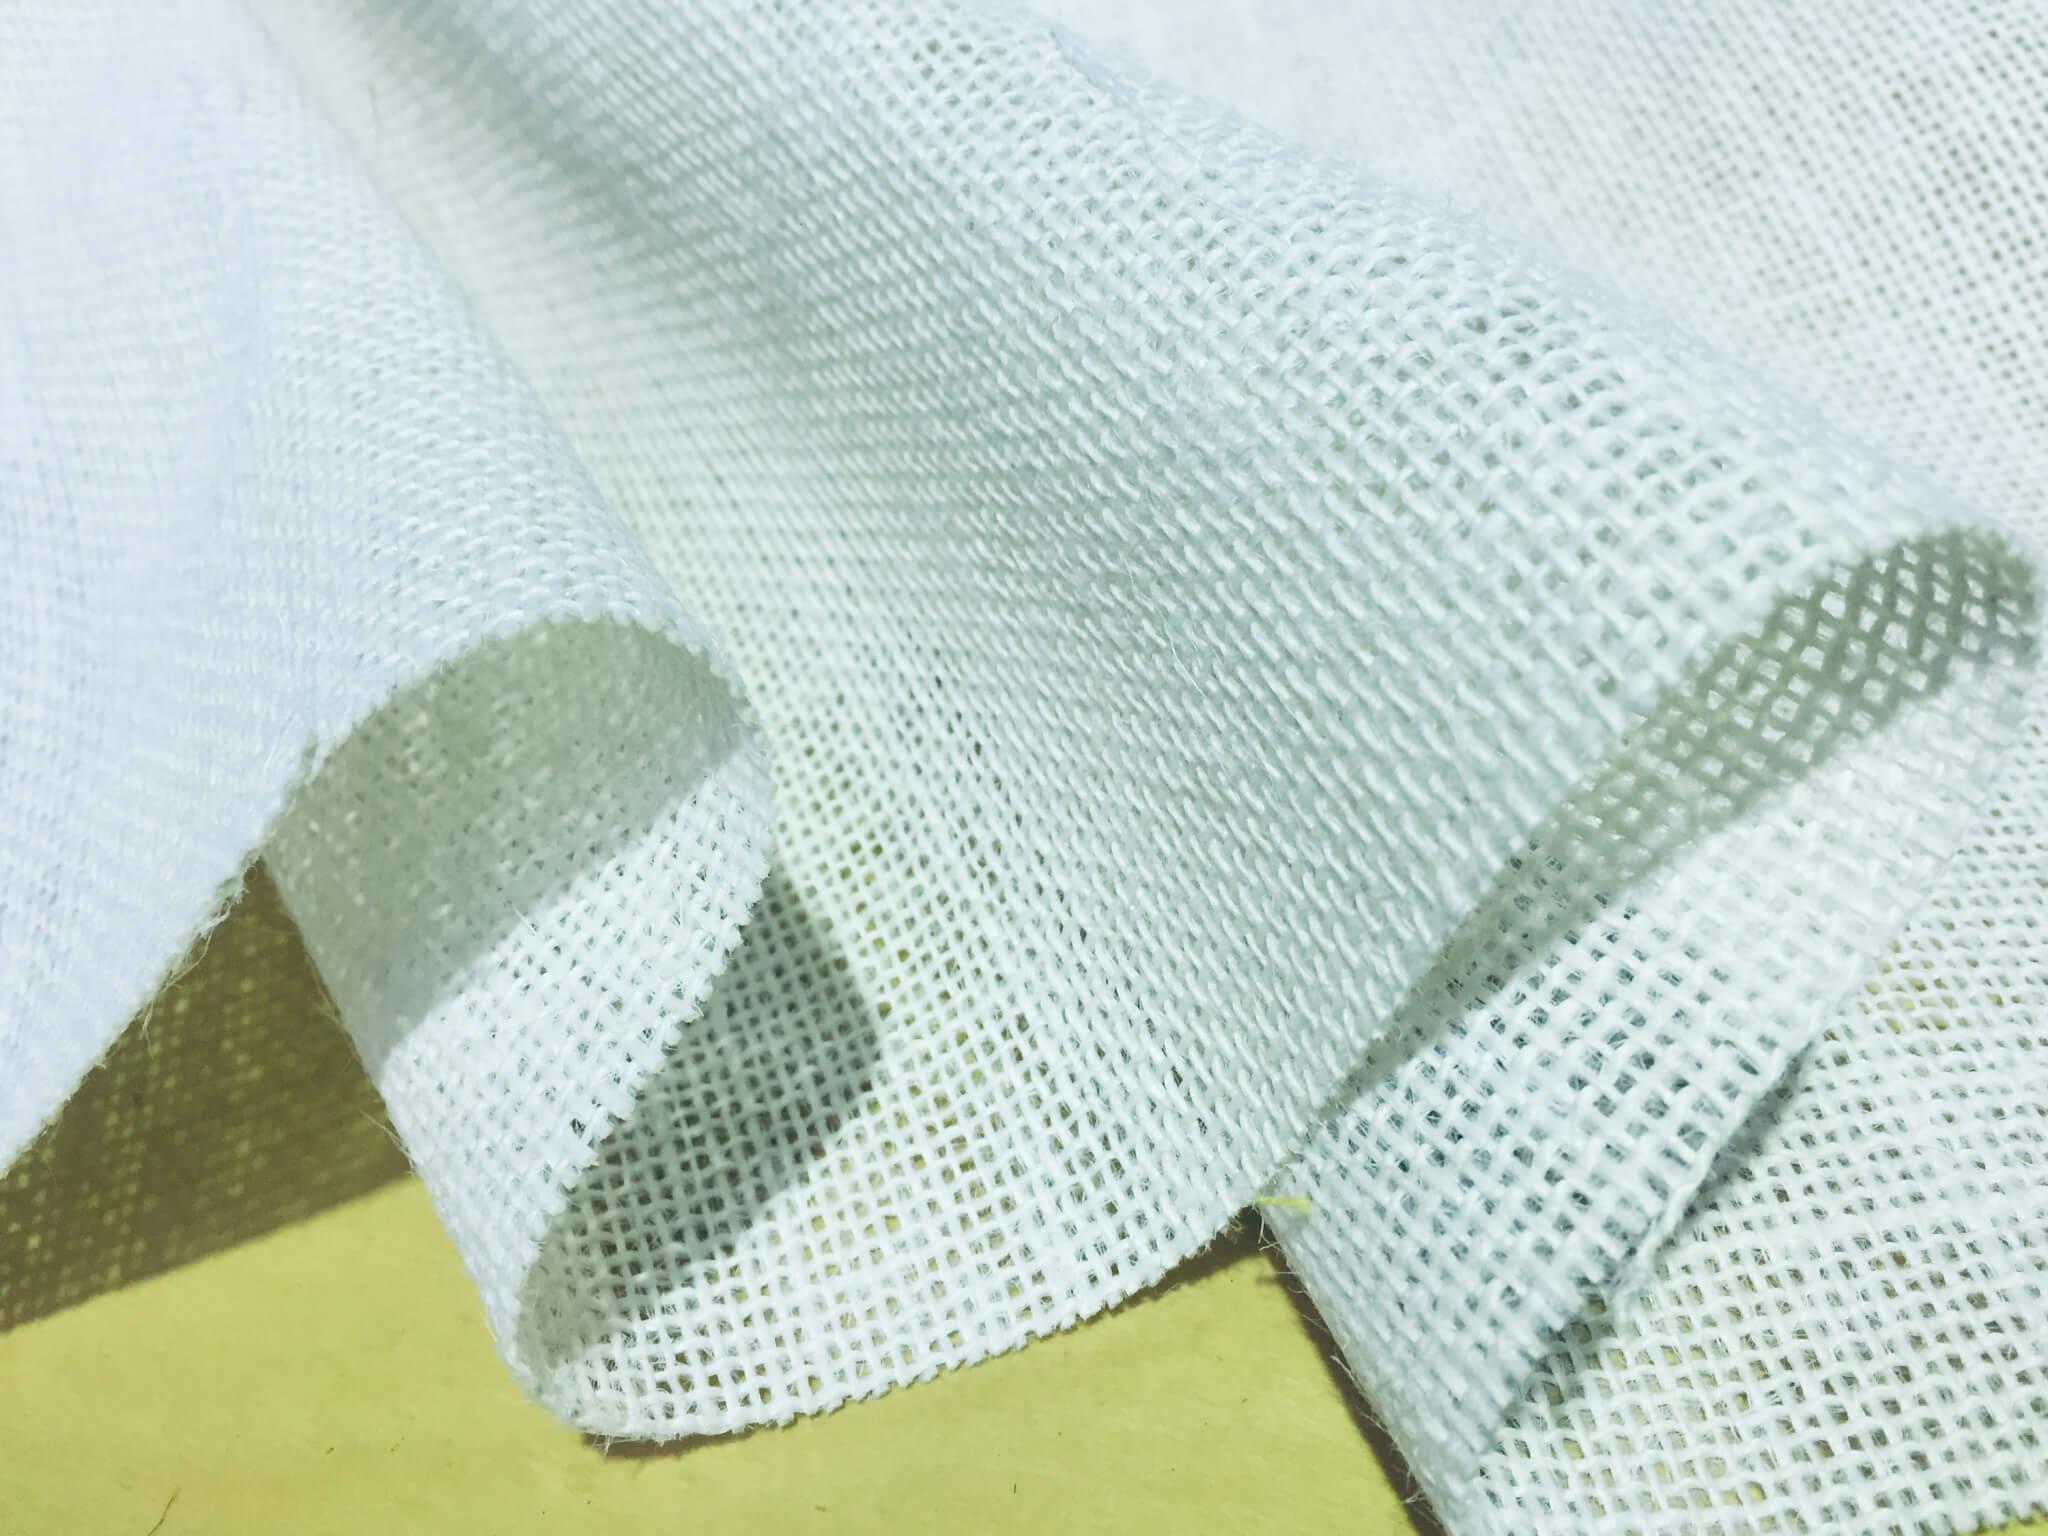 off-white-hessian-jute-10oz-fabric-sacking-table-runner-material-62-160cm-wide-5c6acb4d1.jpg